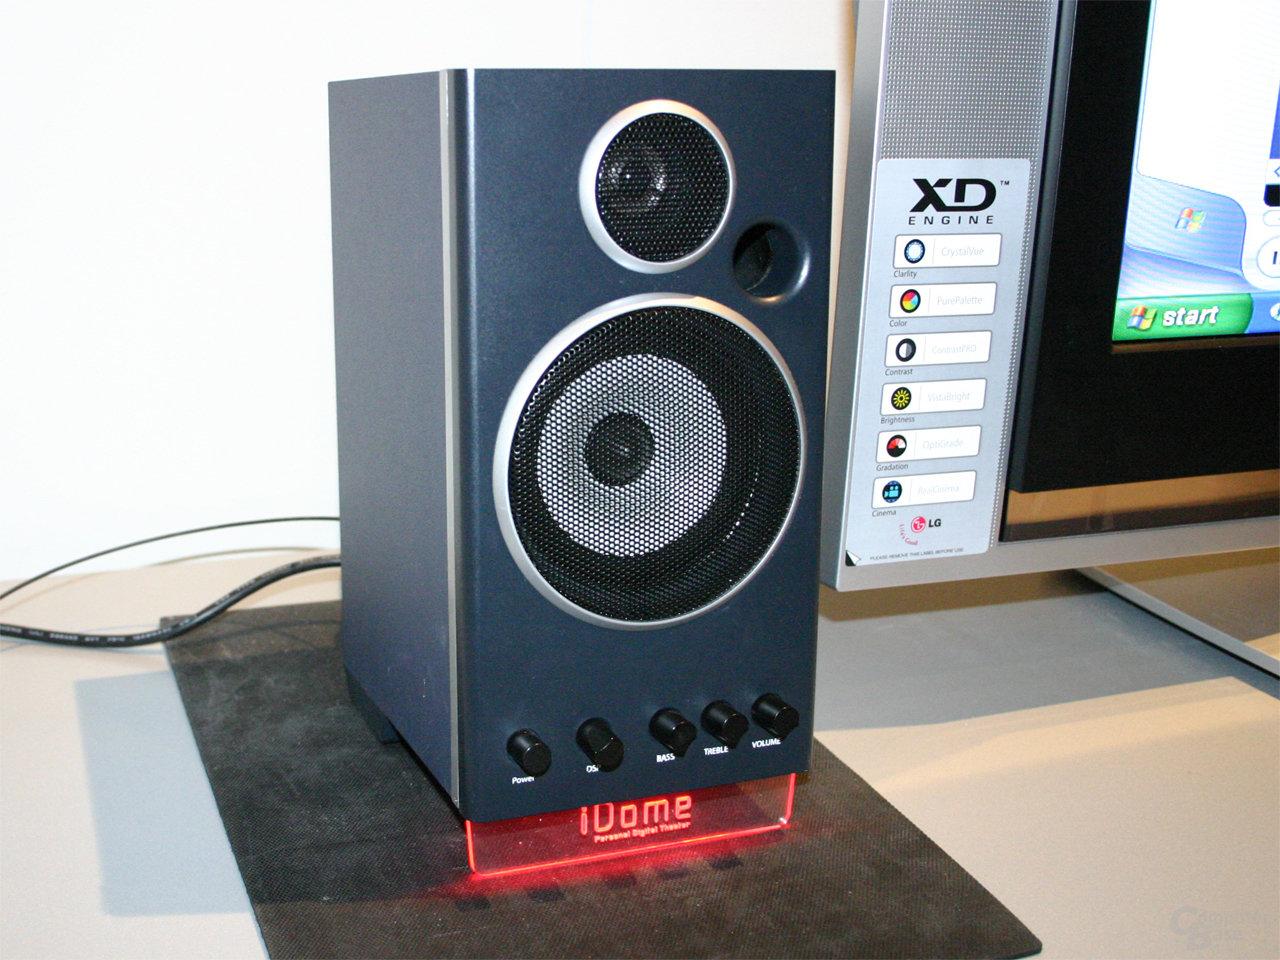 Abit iDome D500 Digital 2.1